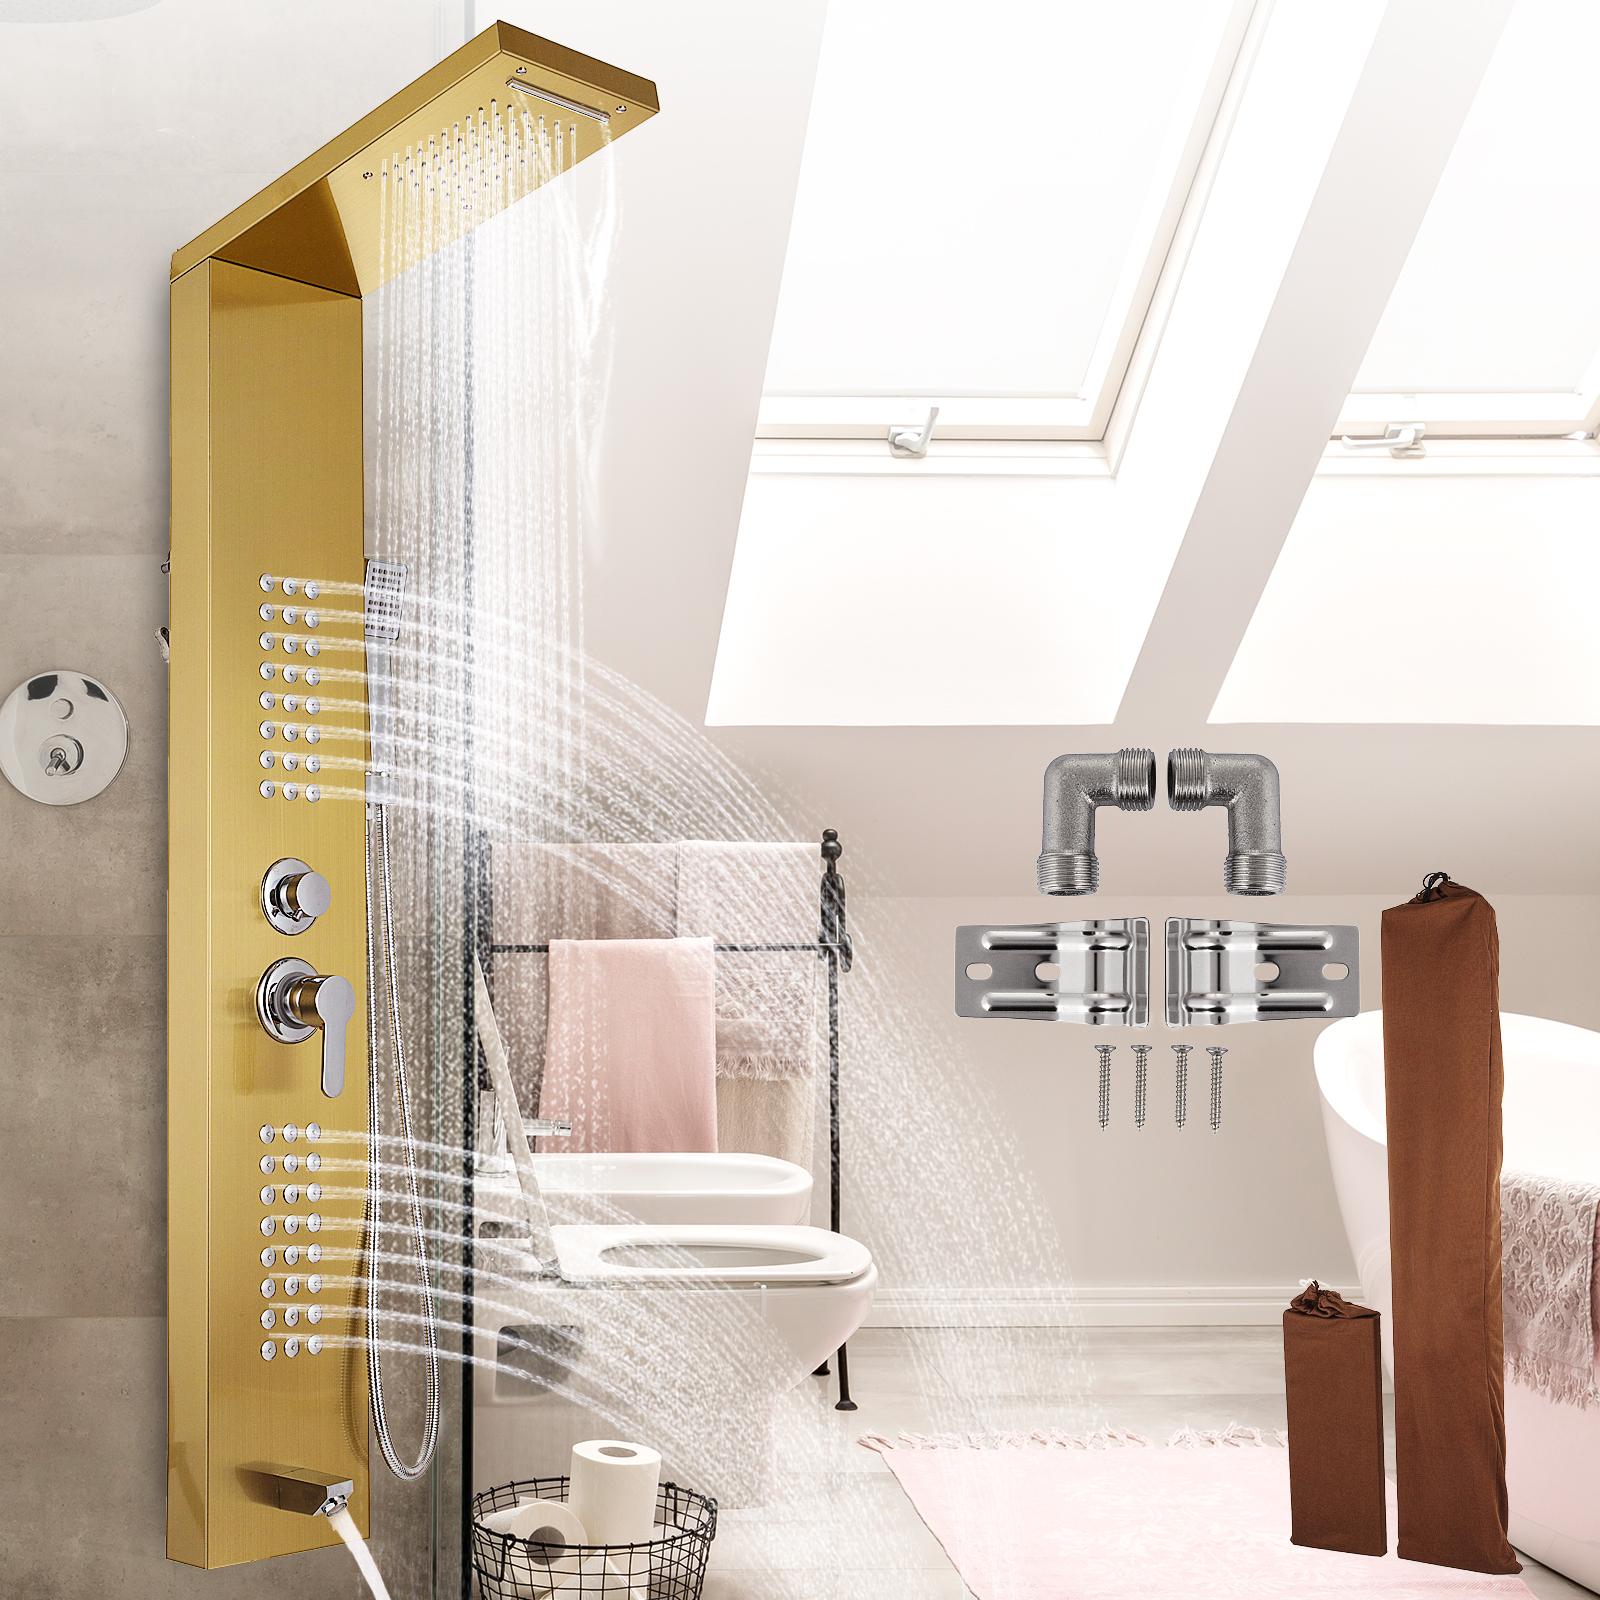 Pannello-doccia-idromassaggio-colonna-in-acciaio-inossidabile-con-miscelatore miniatura 96